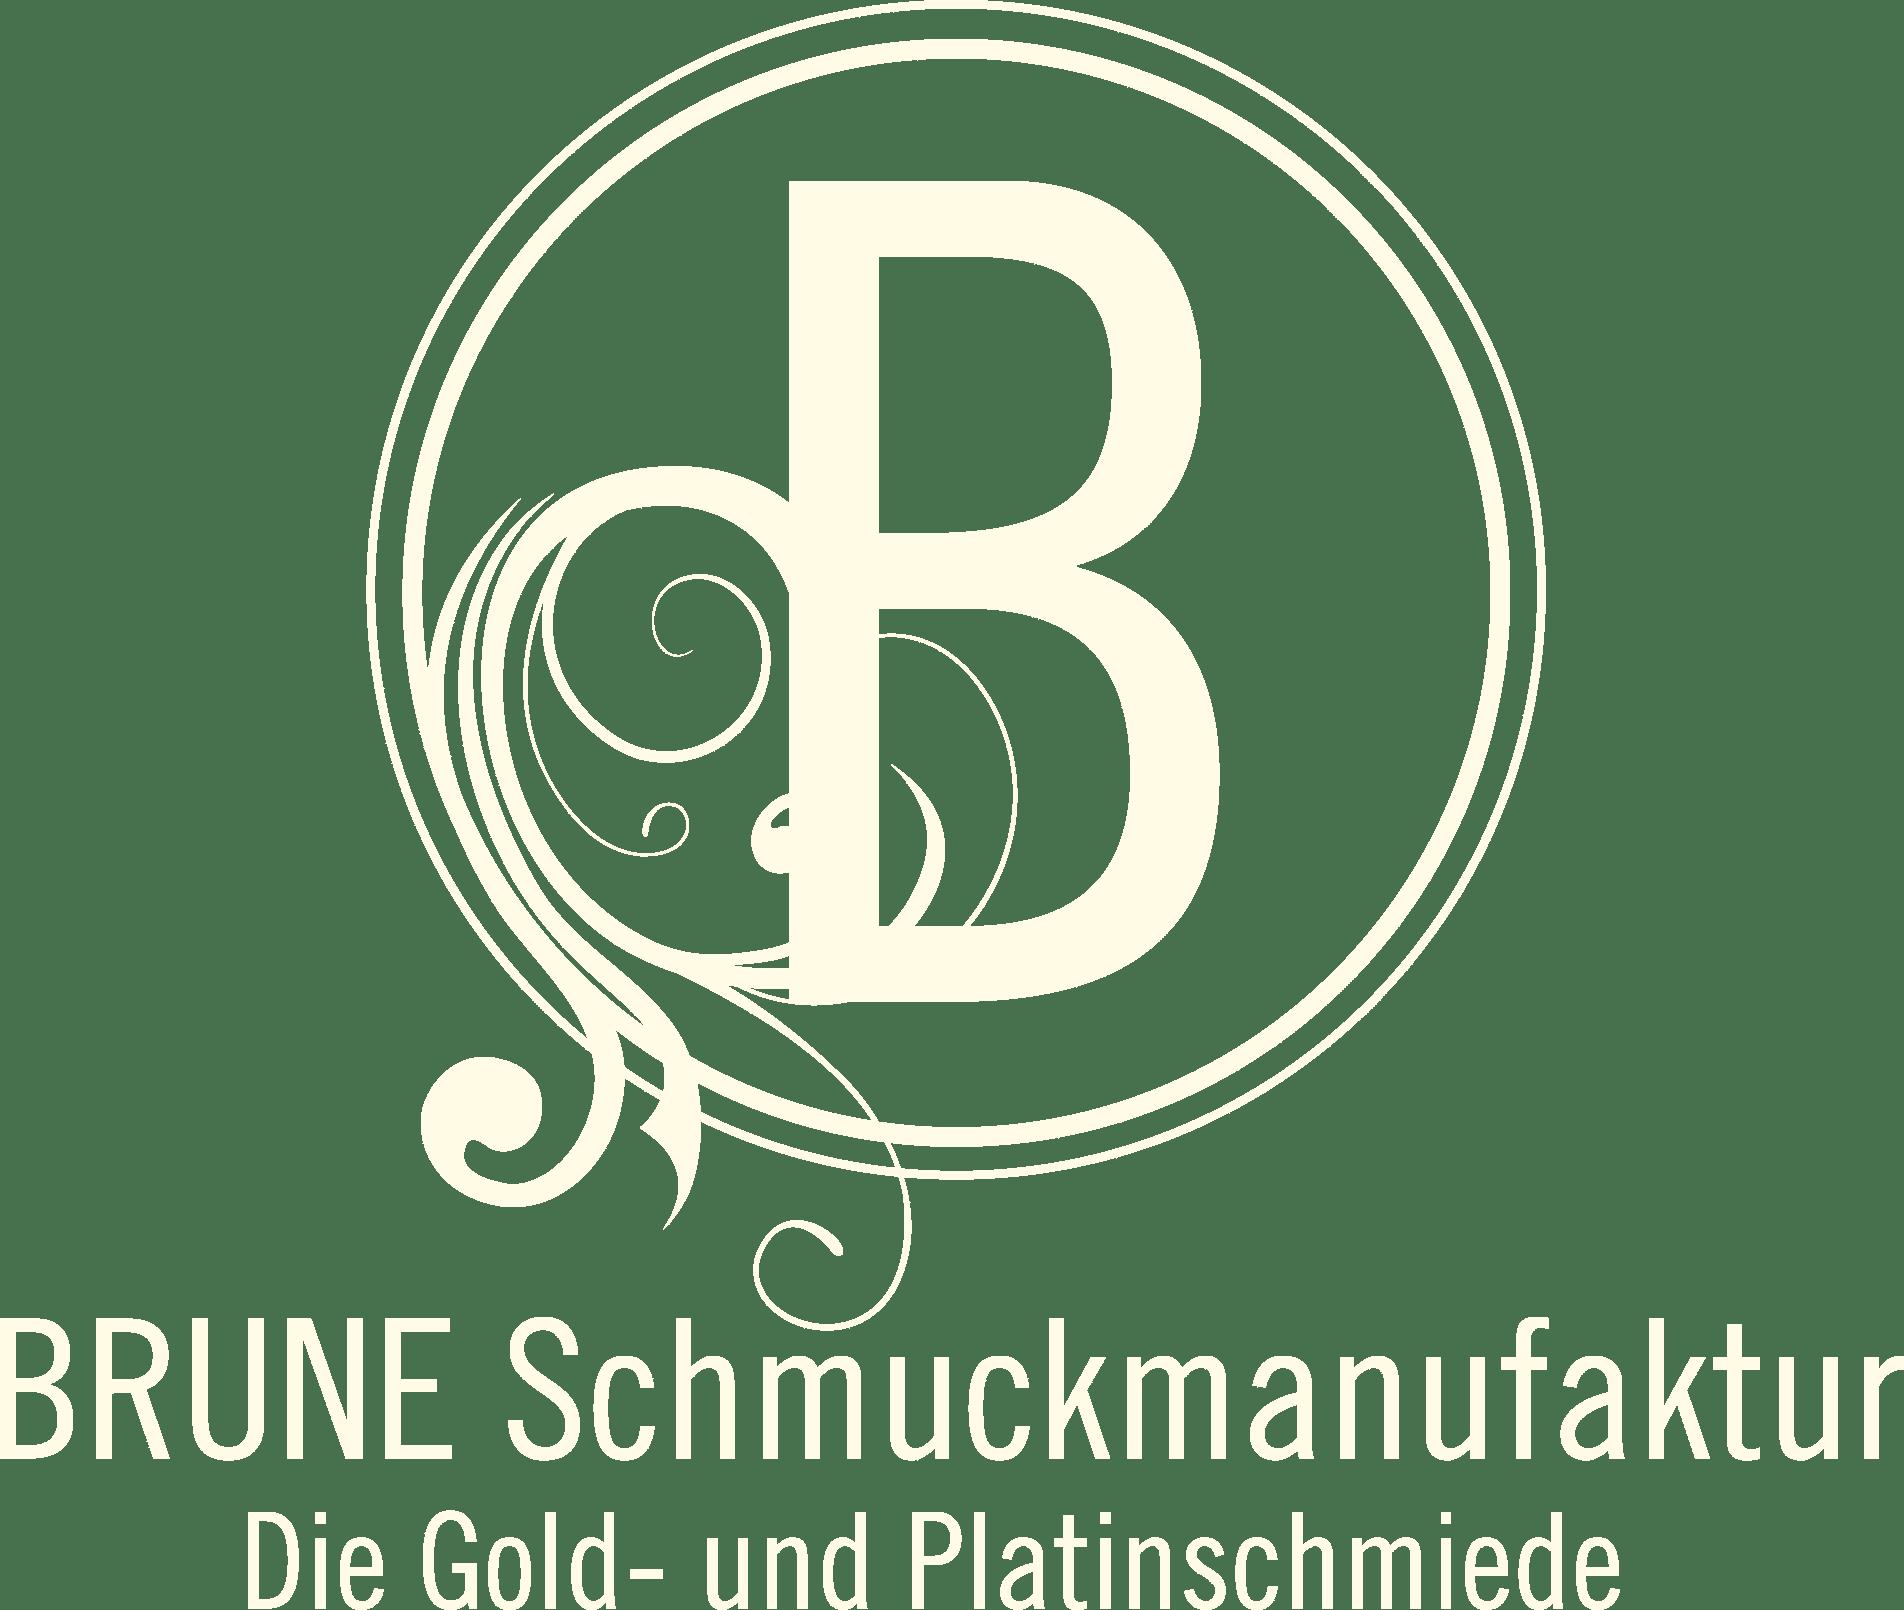 Brune Schmuckmanufaktur Hattingen Logo creme